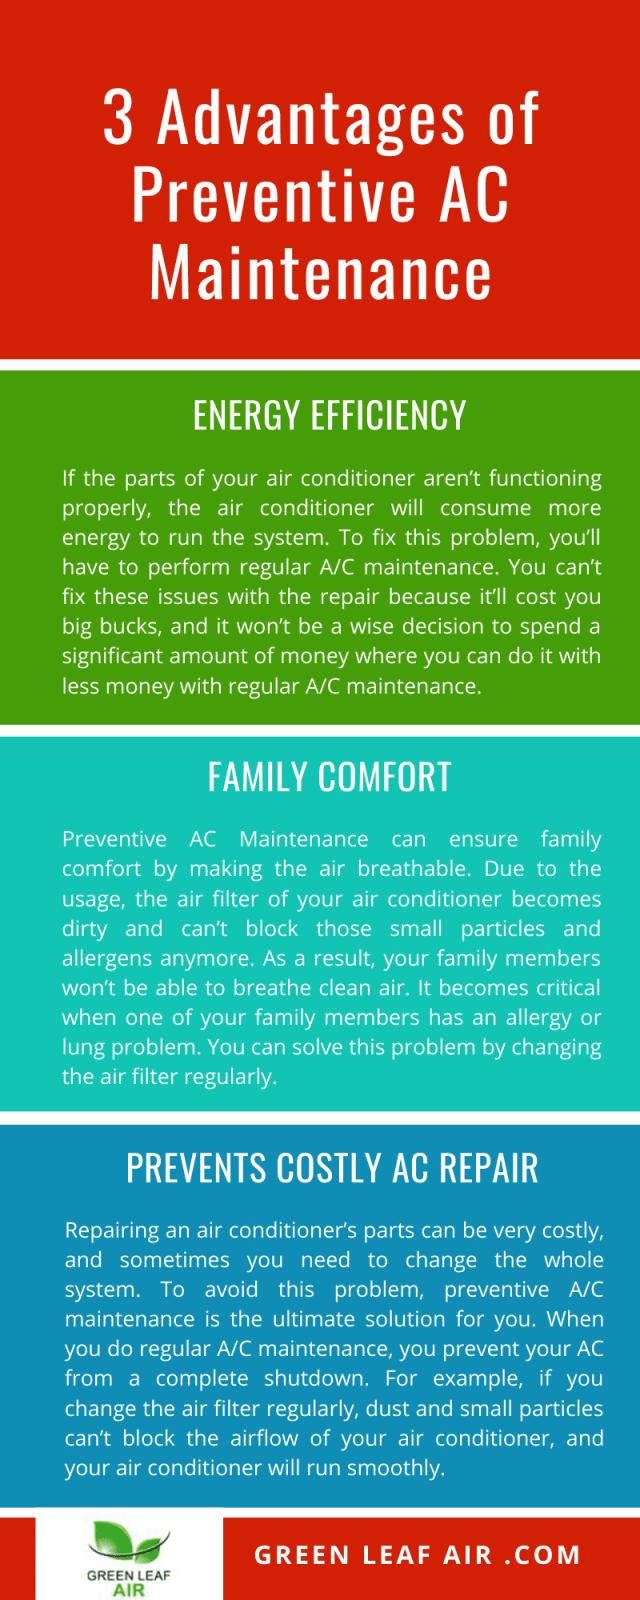 3 Advantages of Preventive AC Maintenance